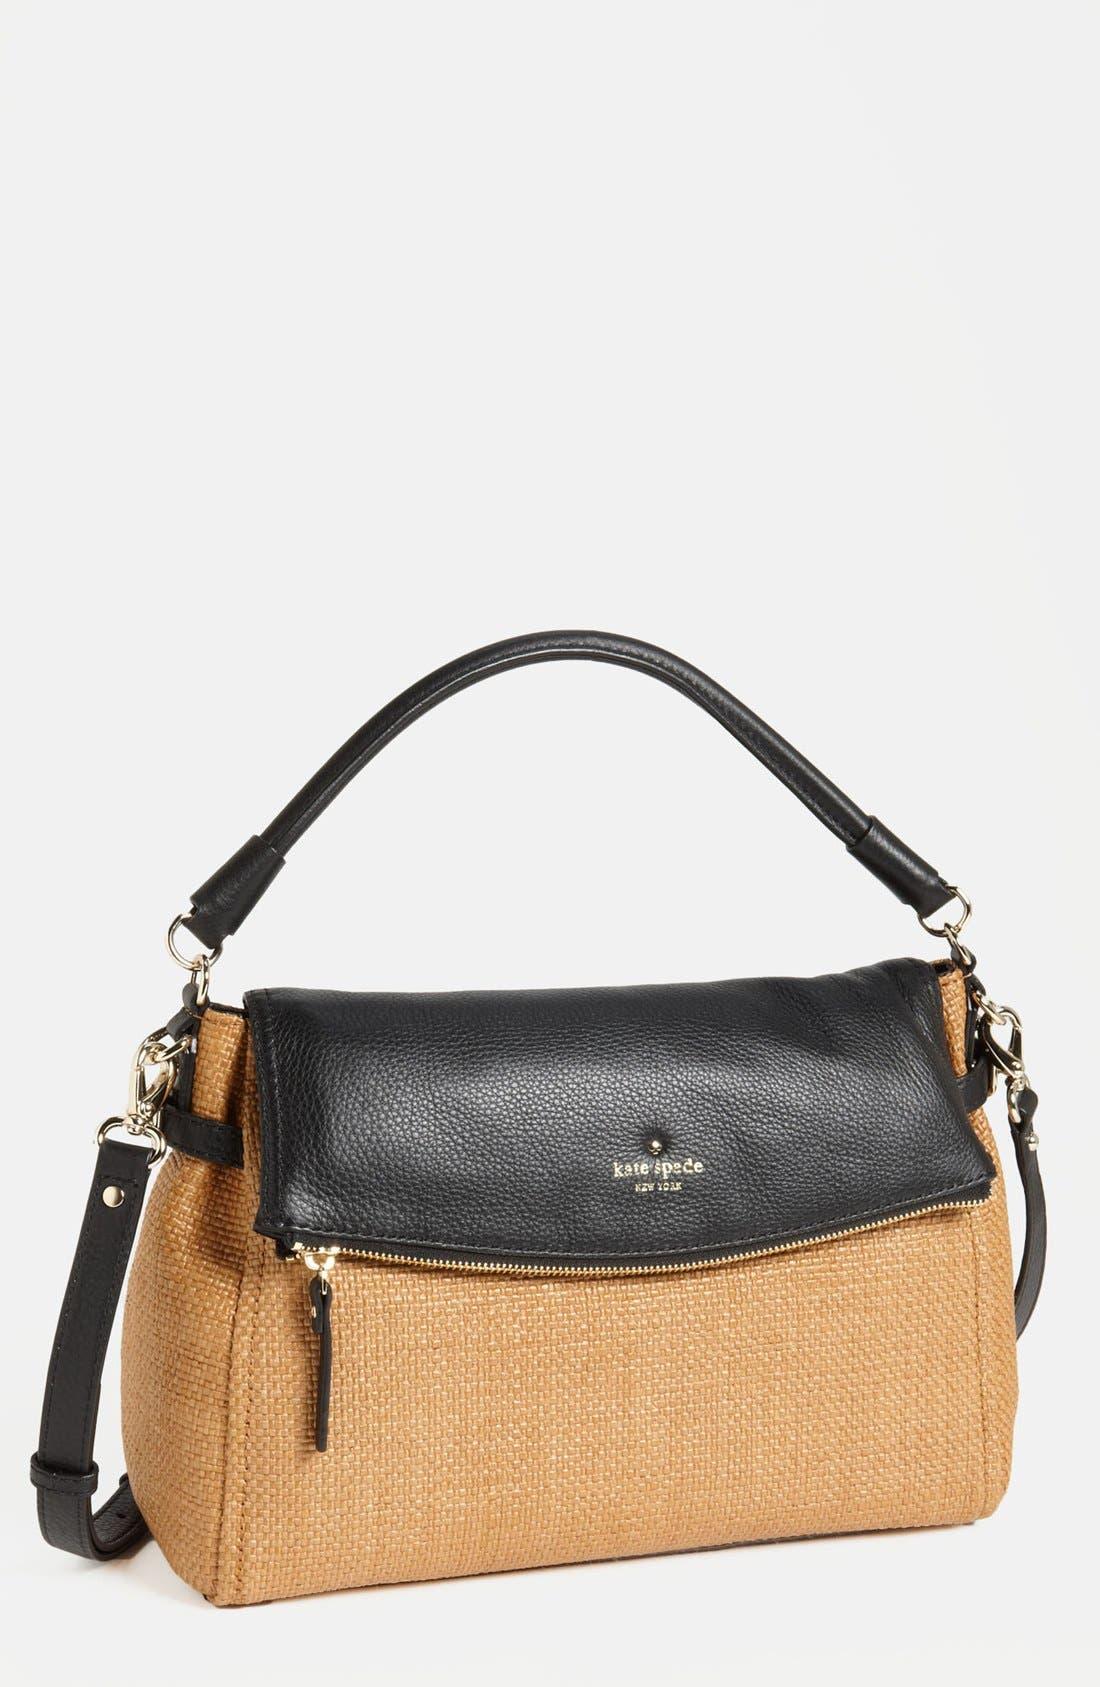 Main Image - kate spade new york 'cobble hill - little minka' straw foldover bag